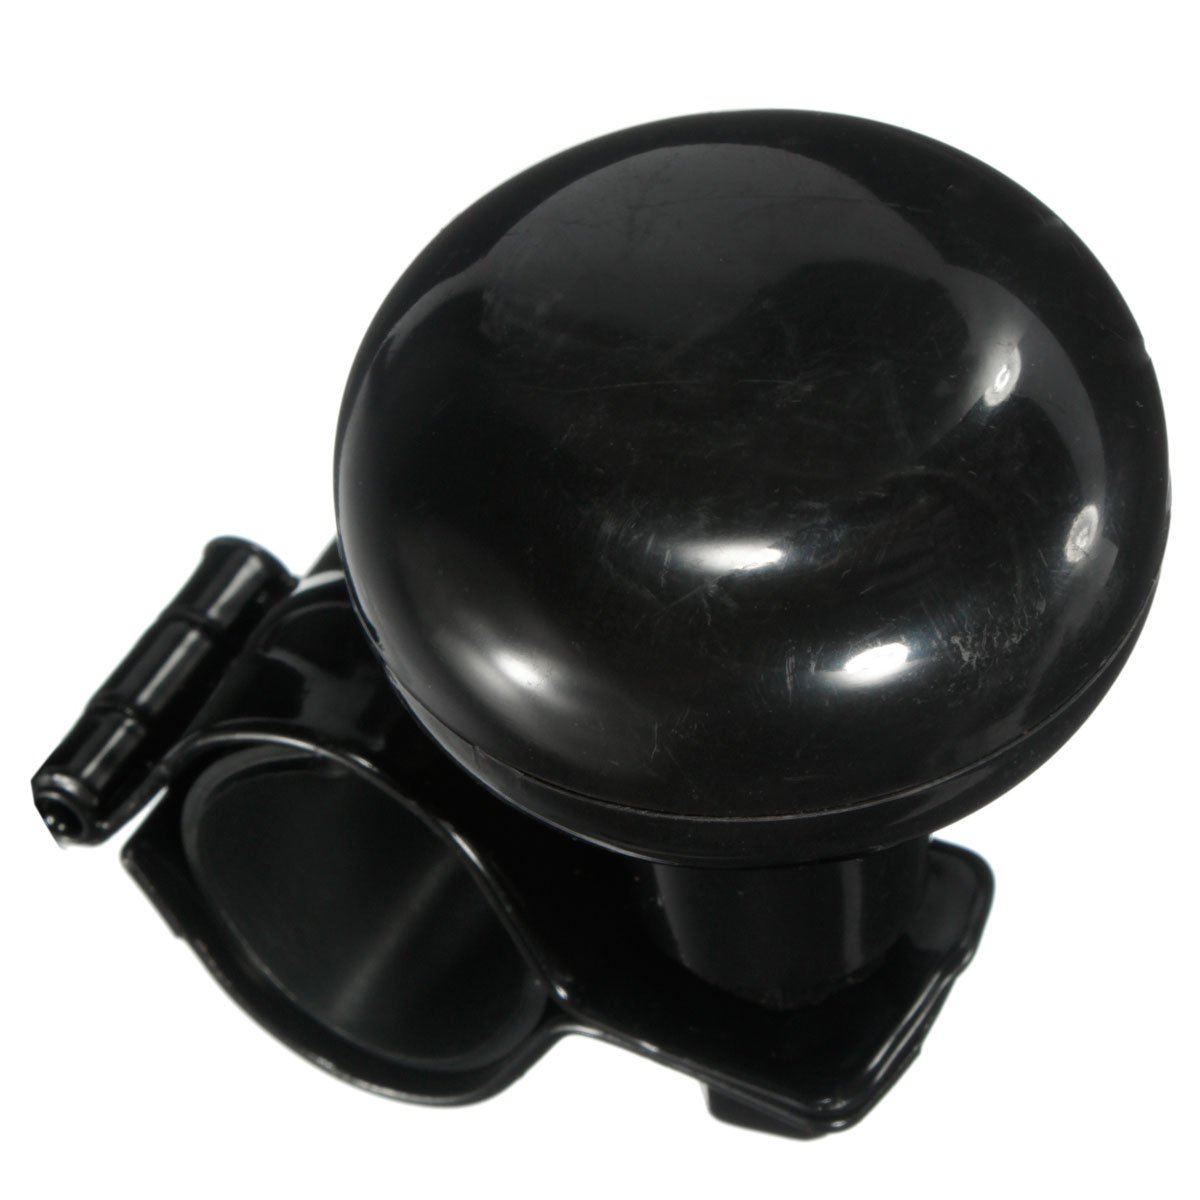 MATCC Pomo Volante Mango de Volante Rotatorio Universal Negro para Coche